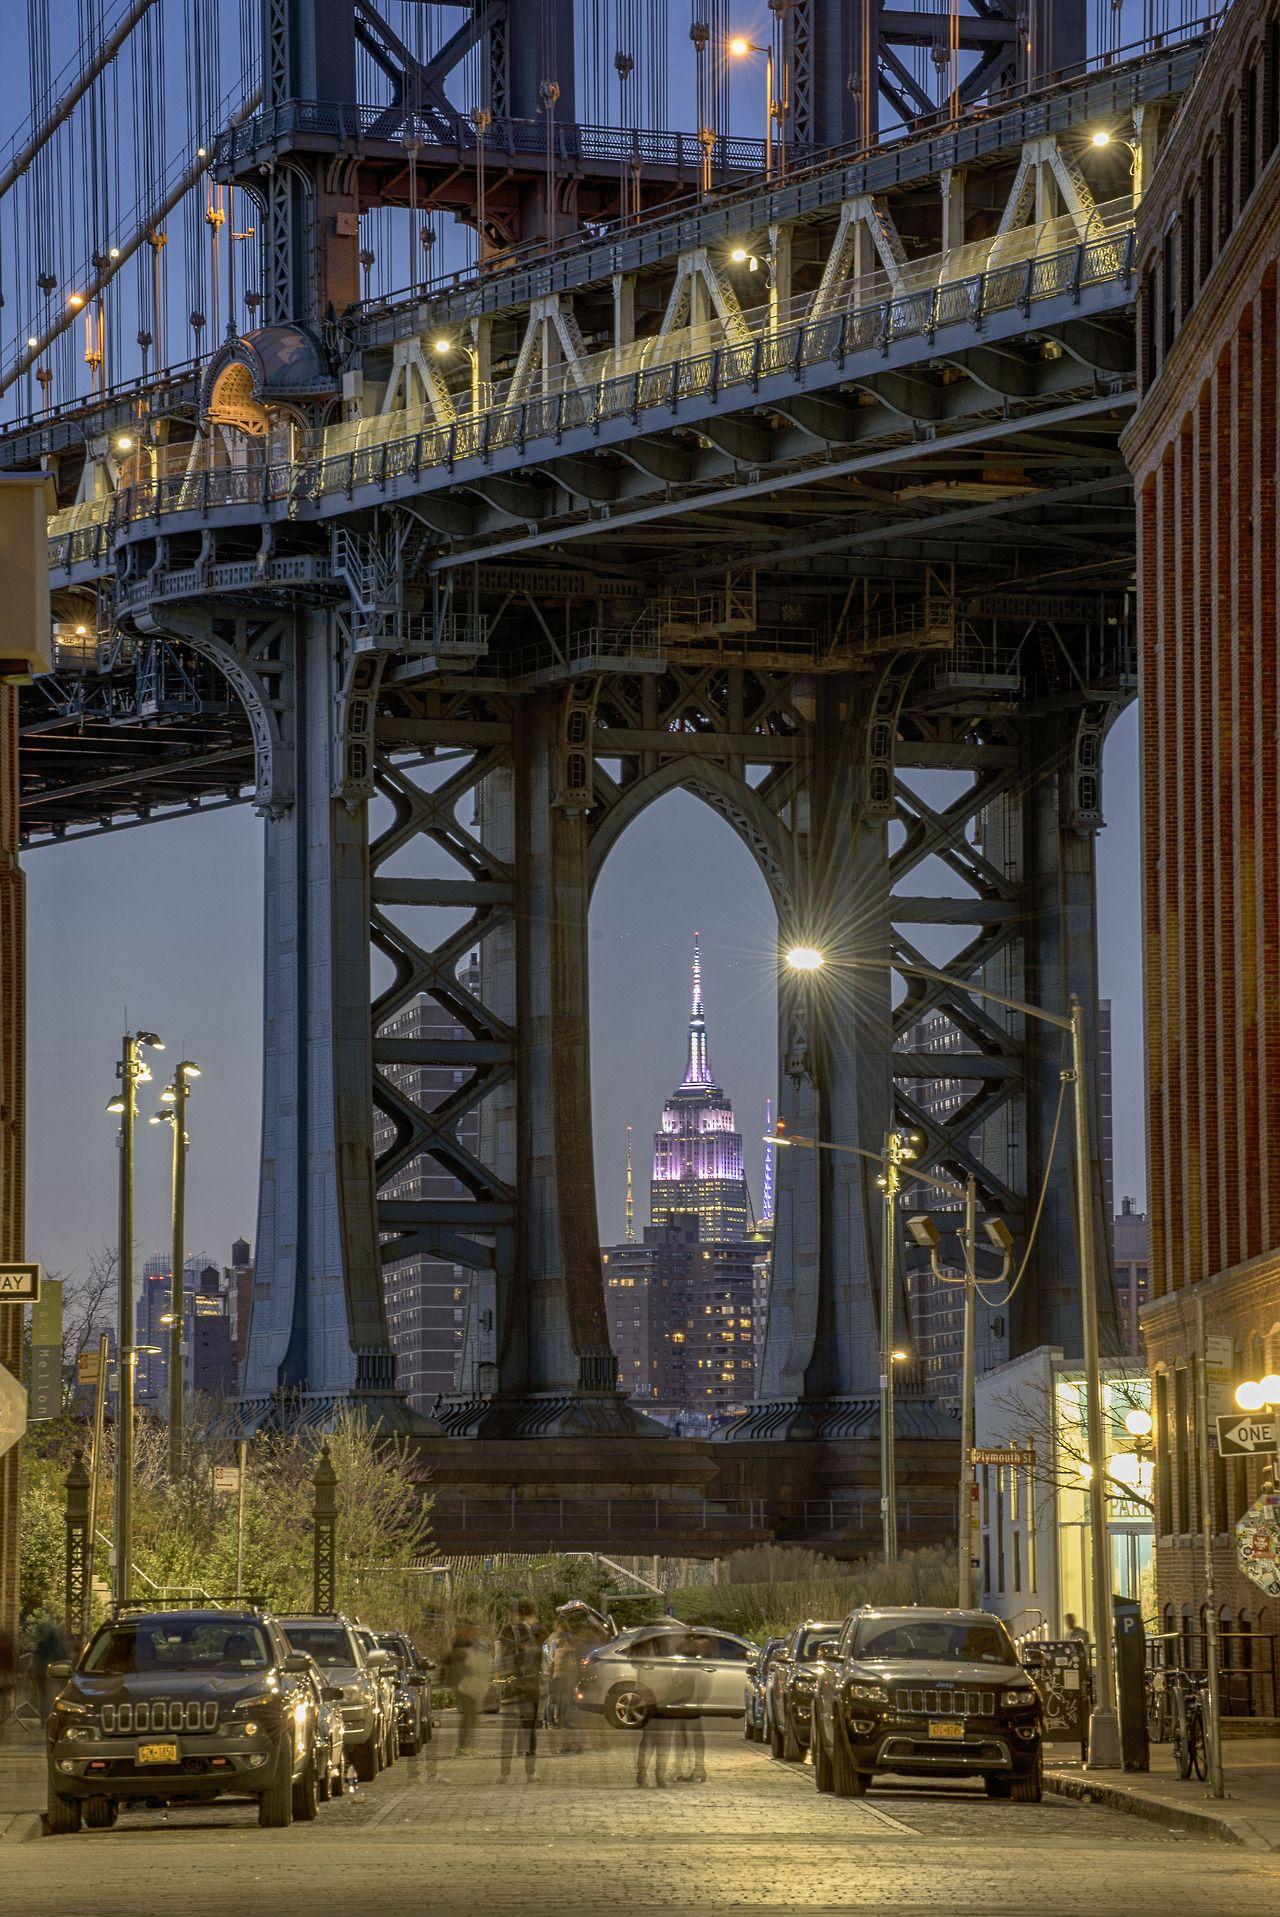 75e2a82b Dumbo (acronyme de Down Under the Manhattan Bridge Overpass, est un  quartier historique de Brooklyn)Brooklyn Bridge, Brooklyn, NYC